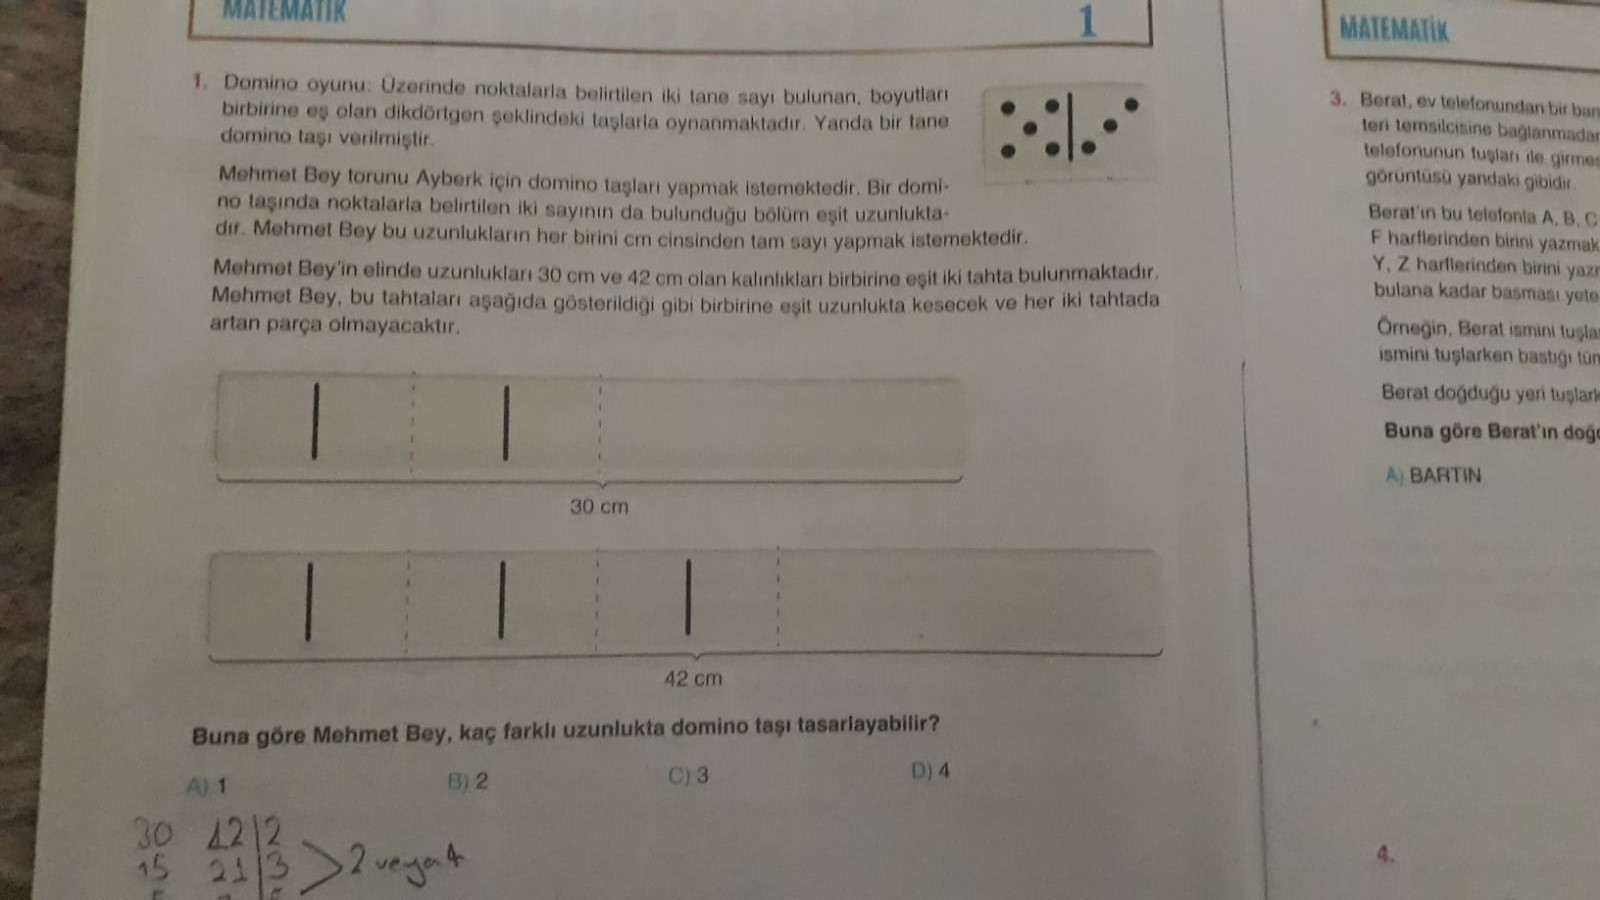 arkadaşlar yardımcı olur musunuz cevap 2